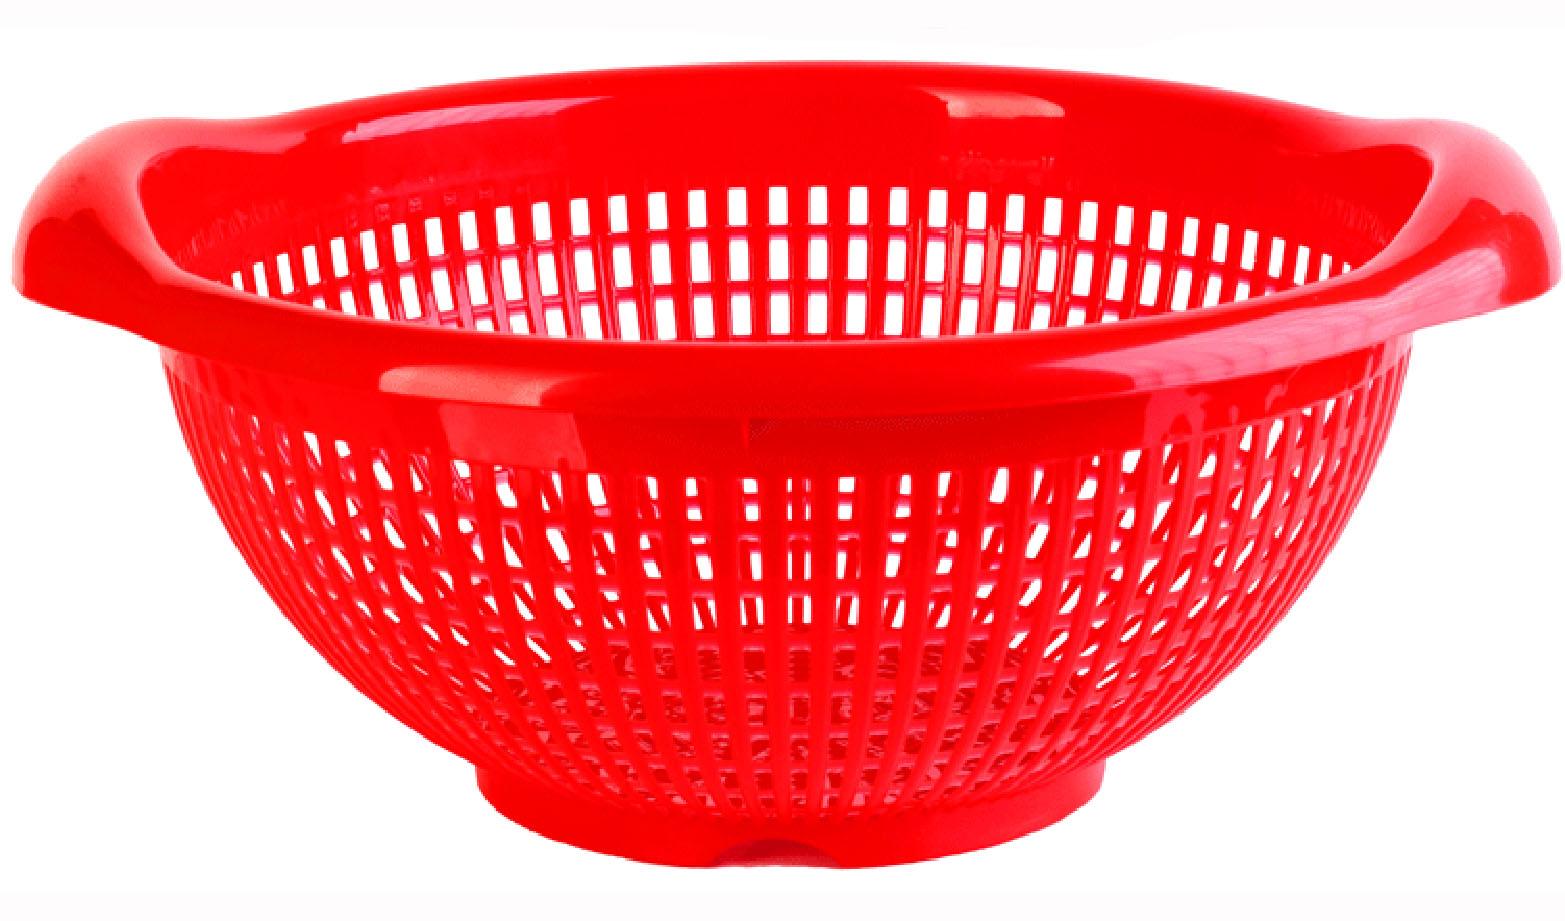 Дуршлаг Idea, цвет: красный, диаметр 25 см115510Дуршлаг Idea, изготовленный из пищевогополипропилена, станет полезным приобретениемдля вашей кухни. Он идеально подходит дляпроцеживания, ополаскивания овощей и фруктов и стекания жидкости. Дуршлаг оснащен устойчивымоснованием и удобными ручками по бокам.Дуршлаг Idea станет незаменимым атрибутомна кухне каждой хозяйки. Диаметр дуршлага (по верхнему краю): 25 см.Внутренний диаметр: 23 см.Размер дуршлага (с учетом ручек): 27 см х 25 см.Высота стенок: 12 см.